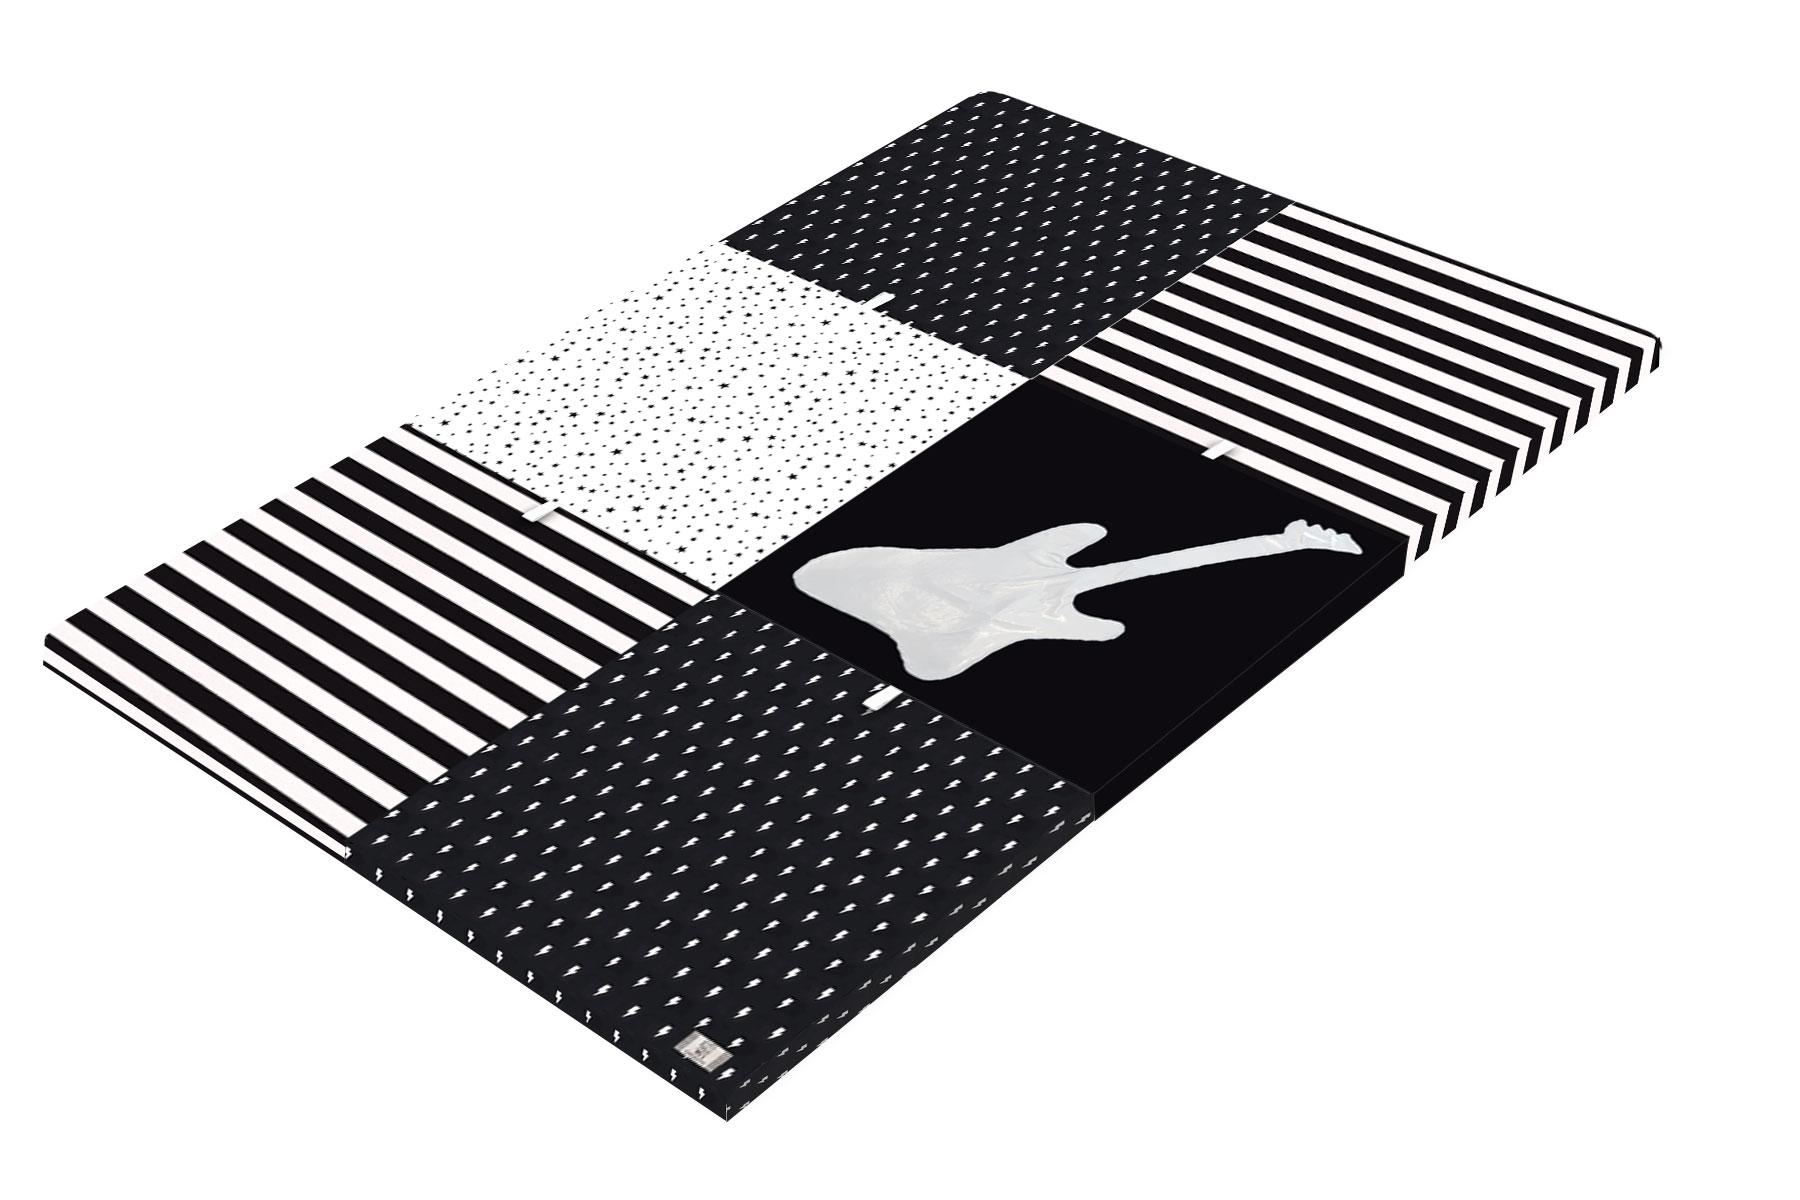 משטח פעילות לתינוק- דגם גיטרה שחור לבן  - קטן